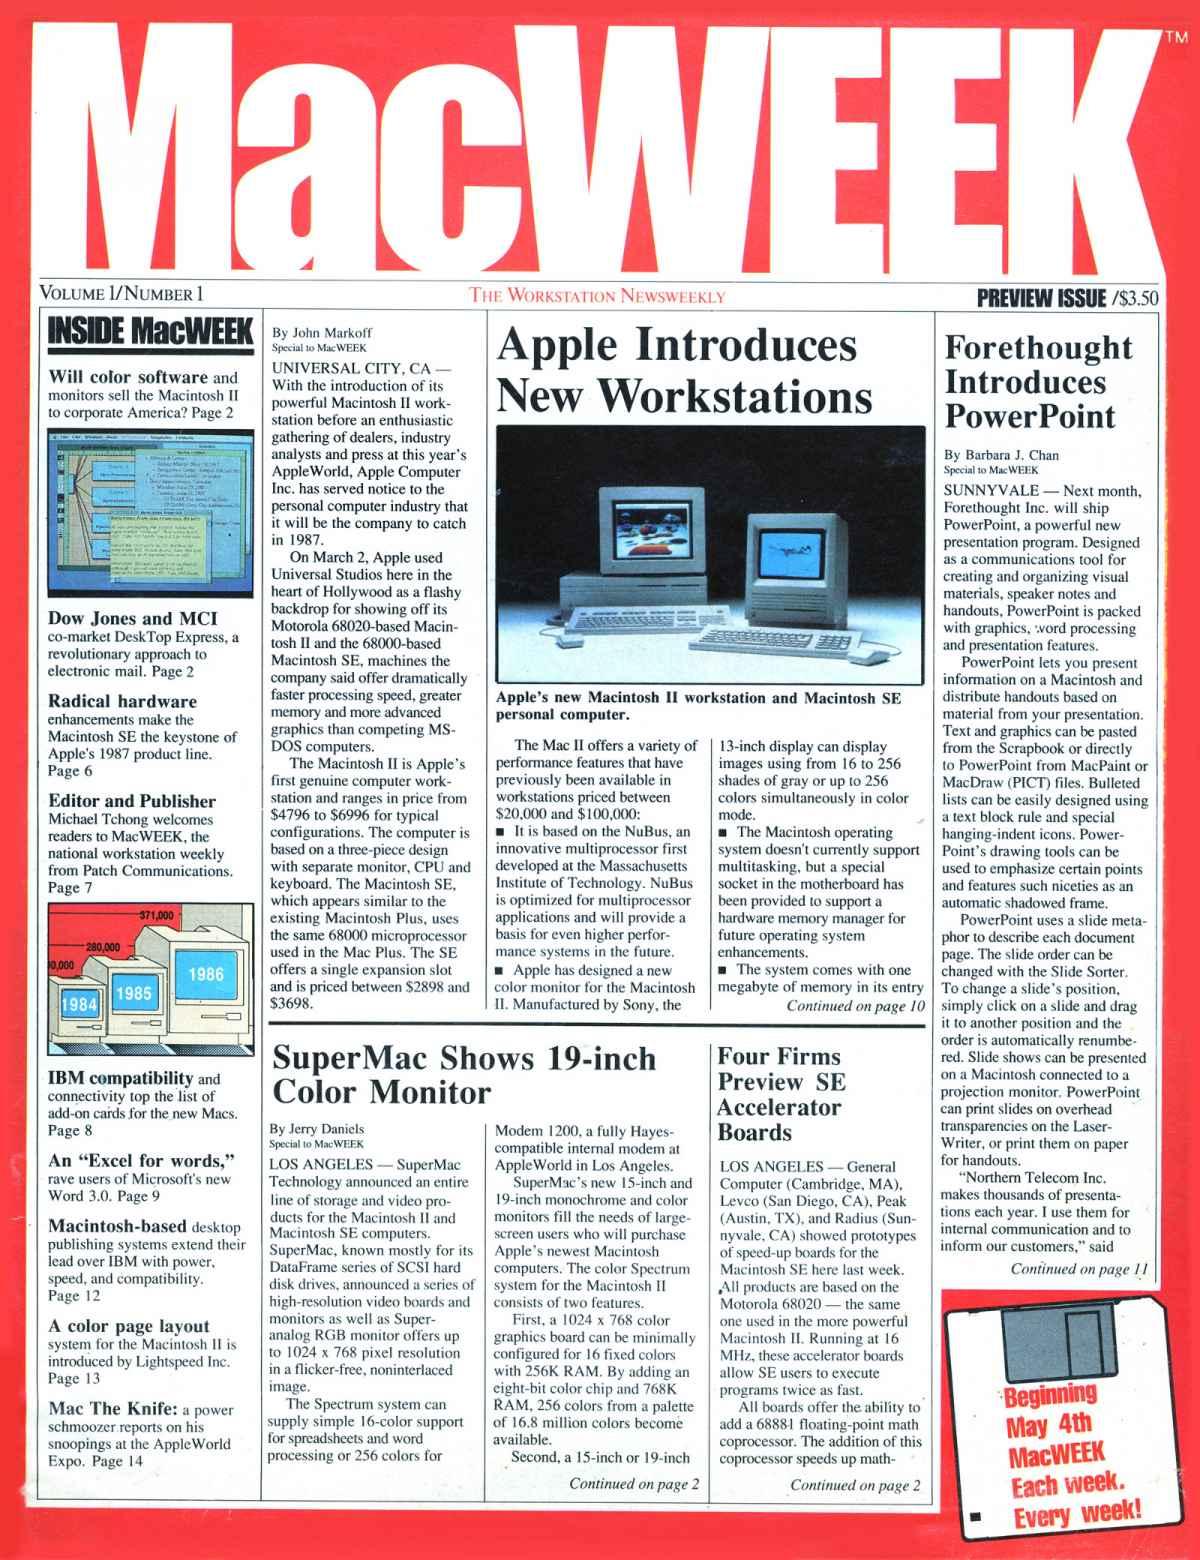 MacWeek